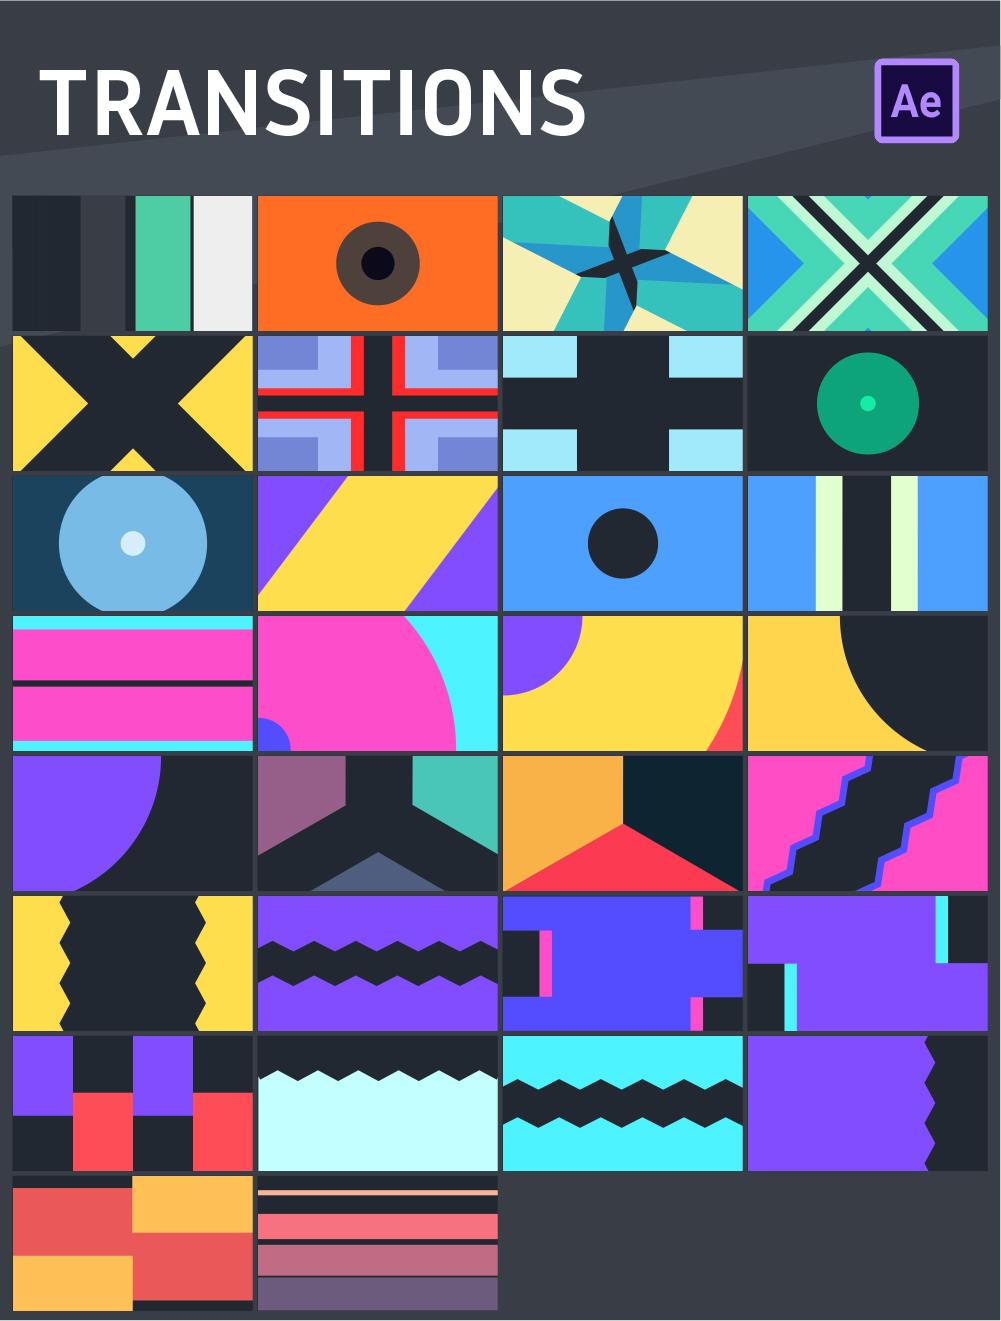 [单独购买] 465款潮流新媒体电商海报幻灯片标题徽标Logo设计动画演示AE视频模板素材 Graphics Pack Rise插图11